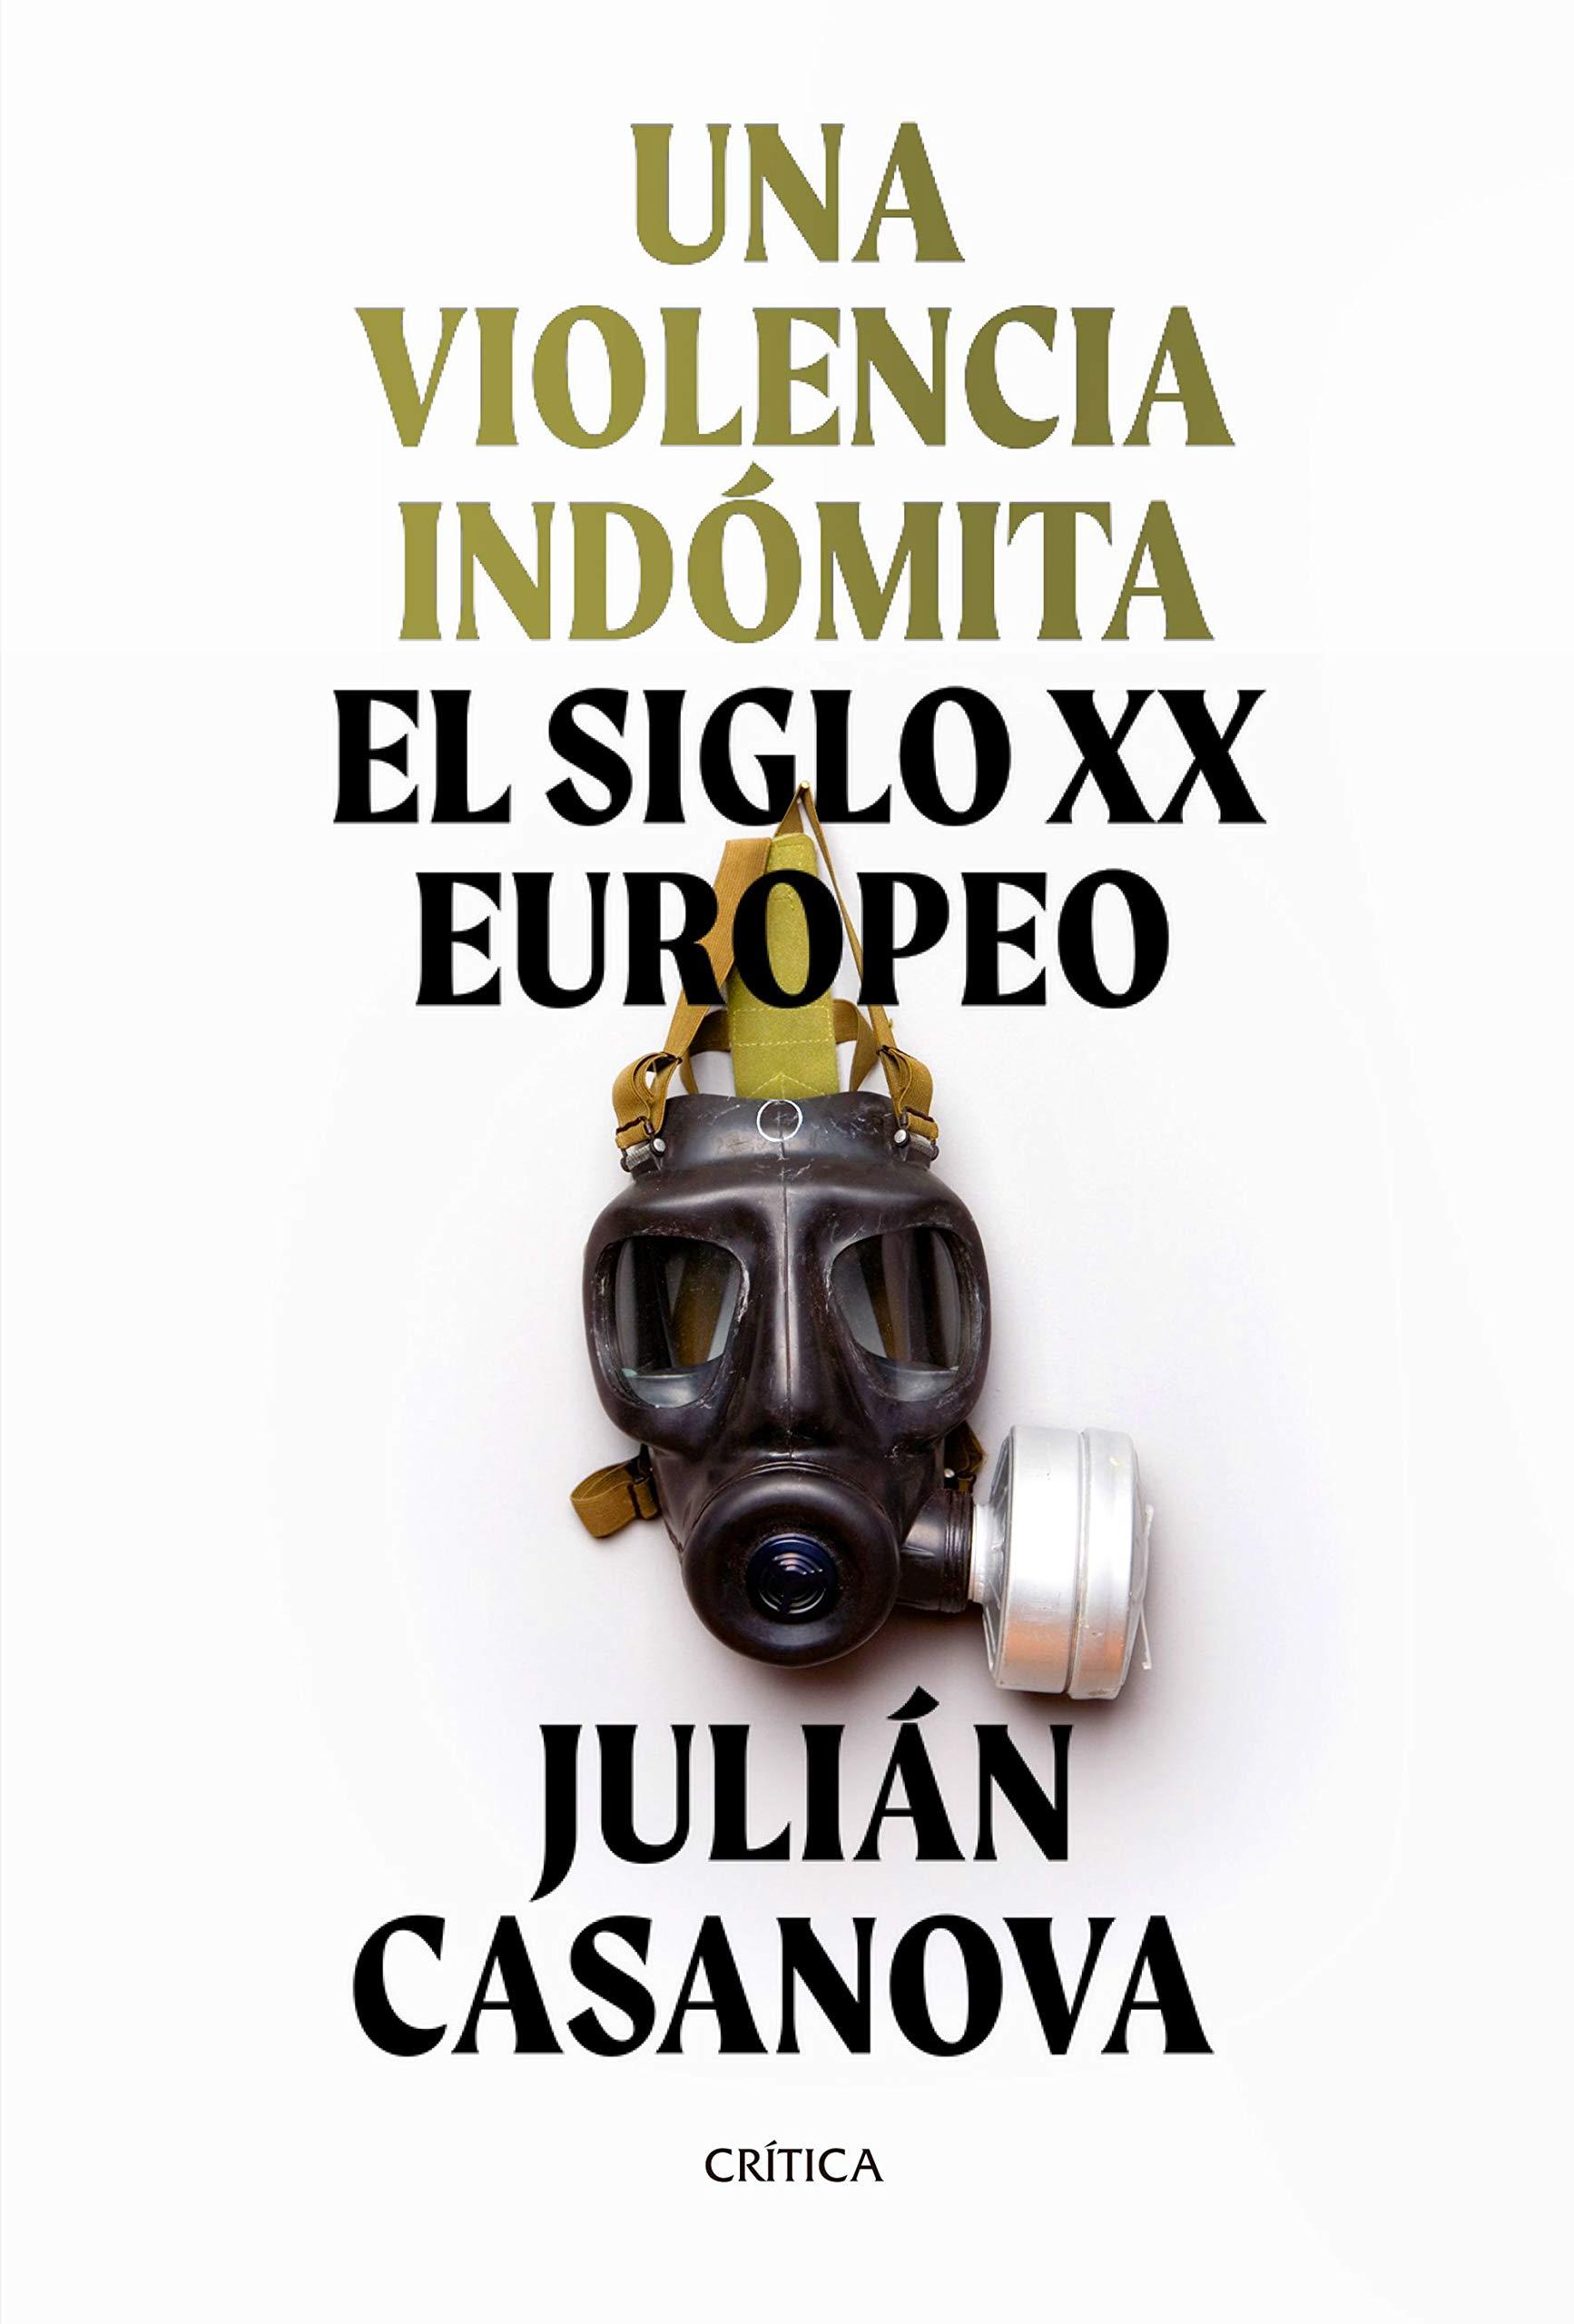 Una violencia indómita - Finalista Premios Estandarte 2020 de libros de ensayo